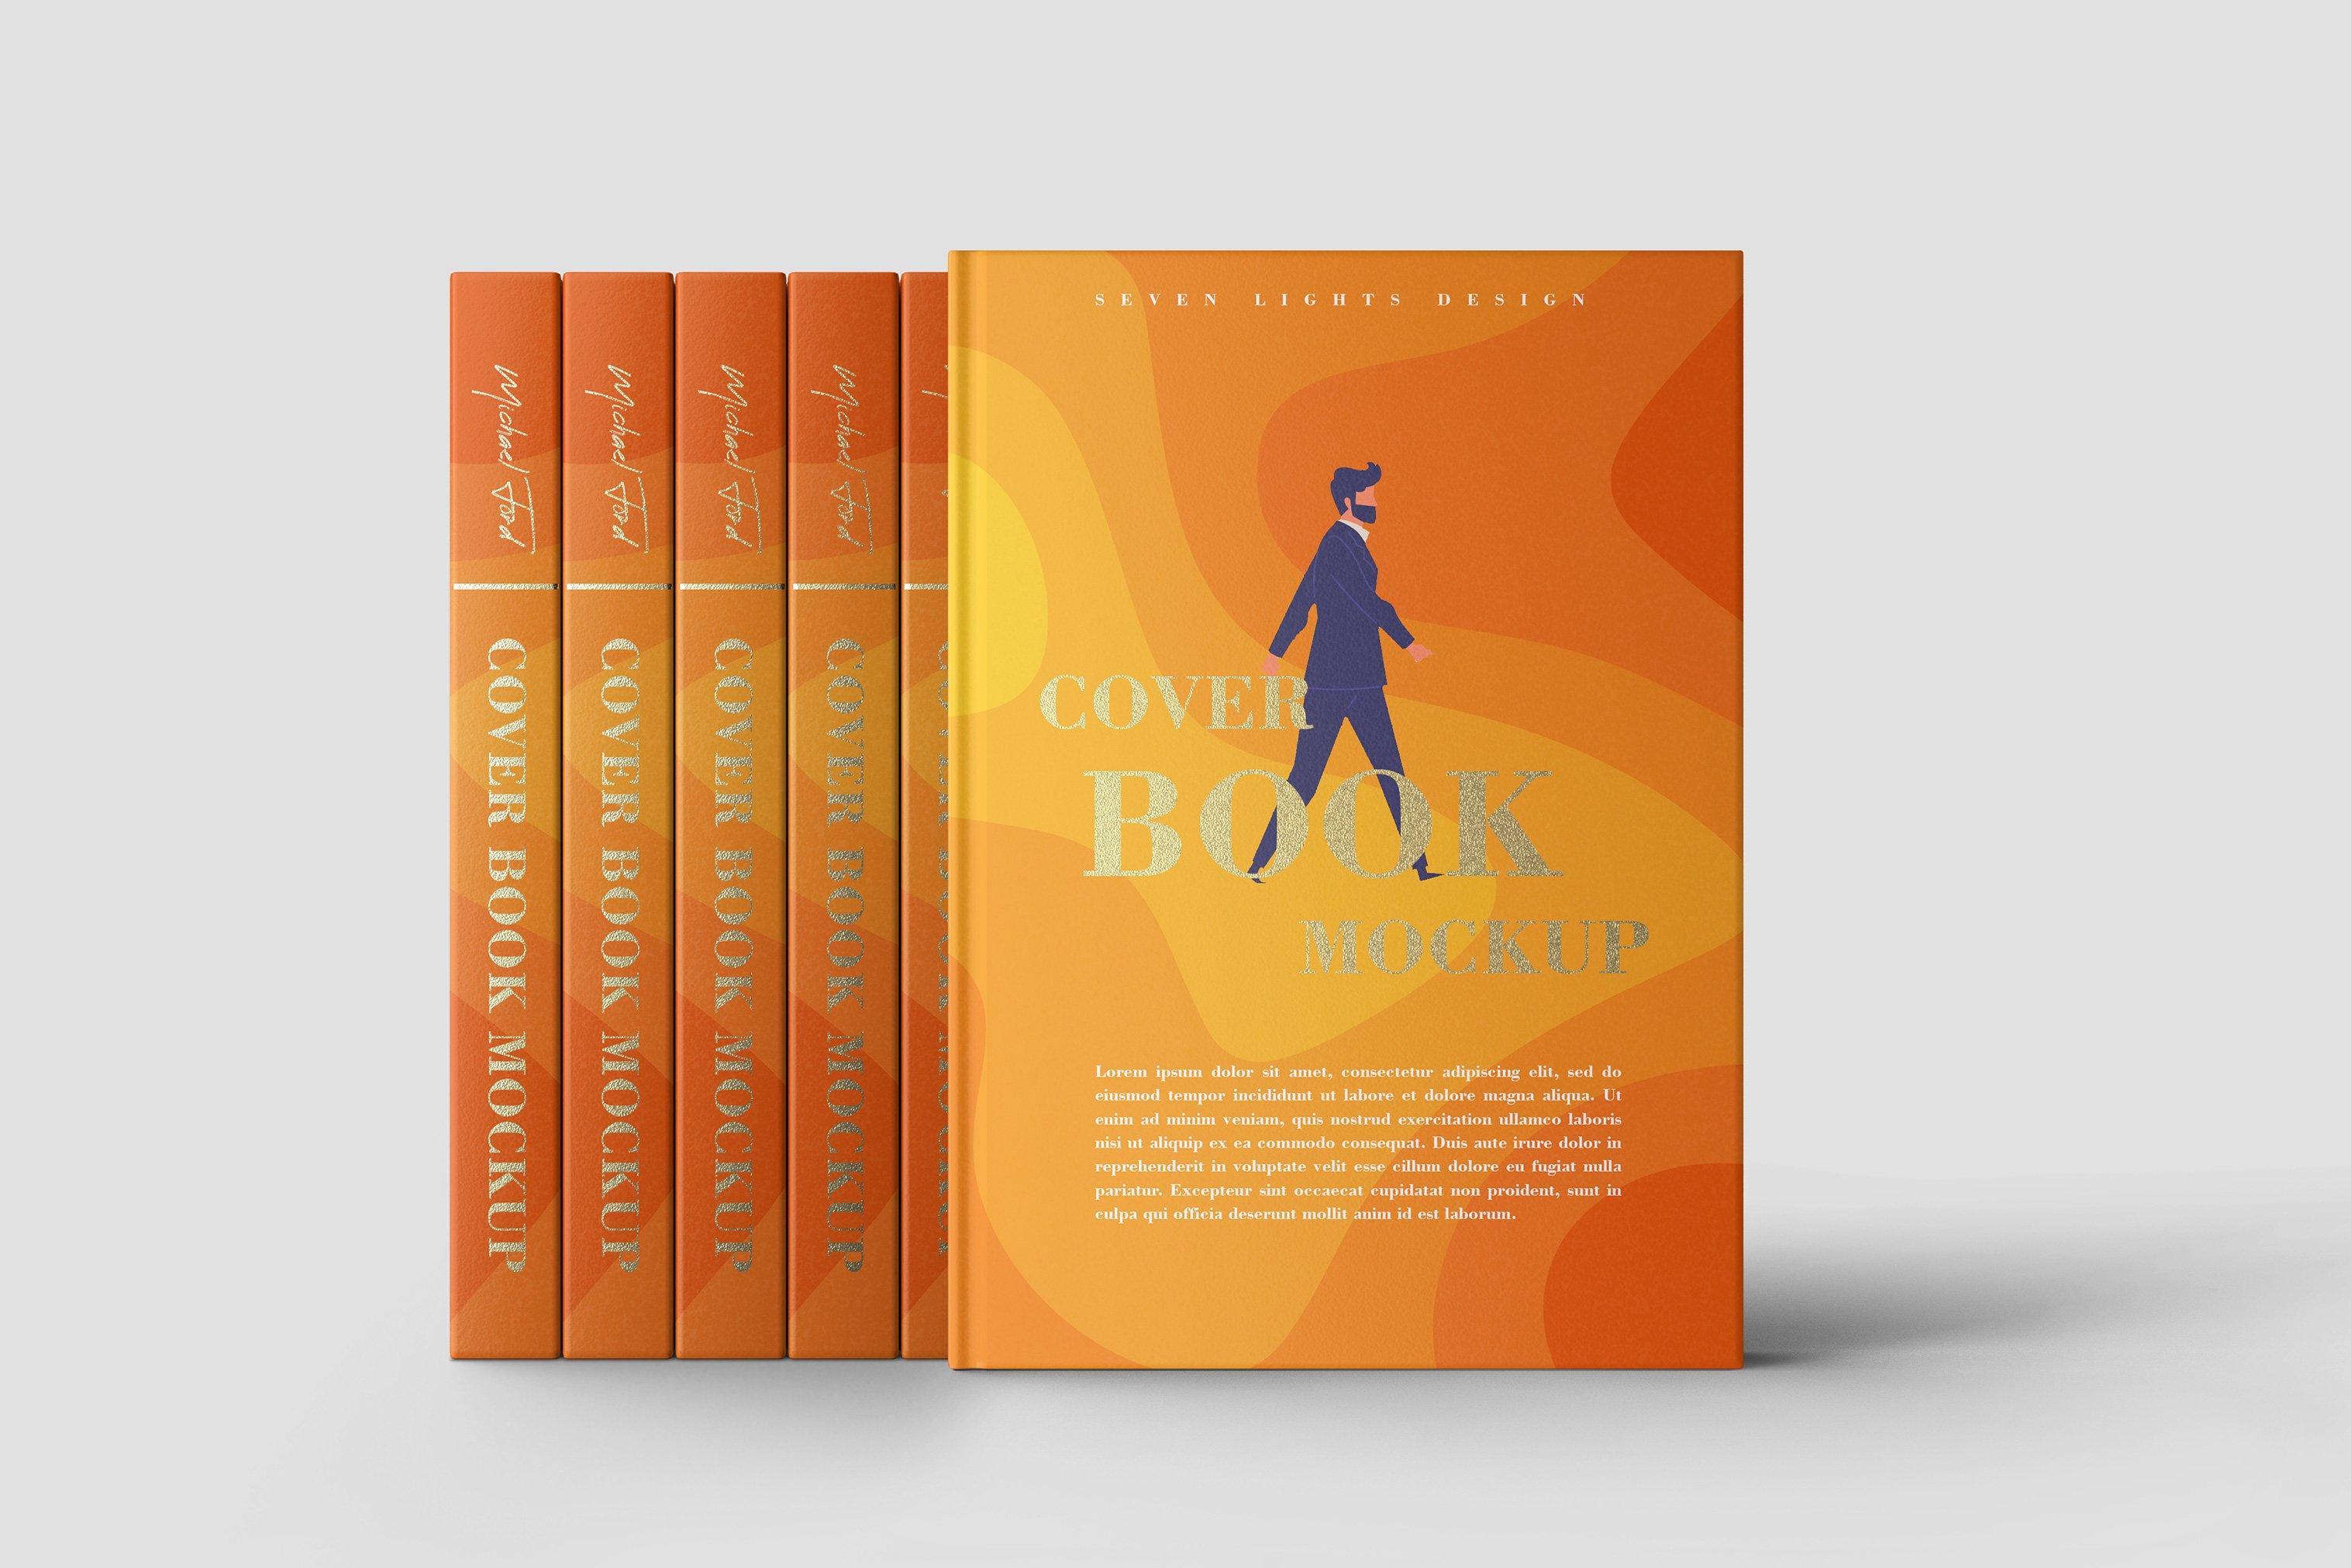 7款精装书封面设计展示样机模板集 Book Cover Mockup Set插图(7)